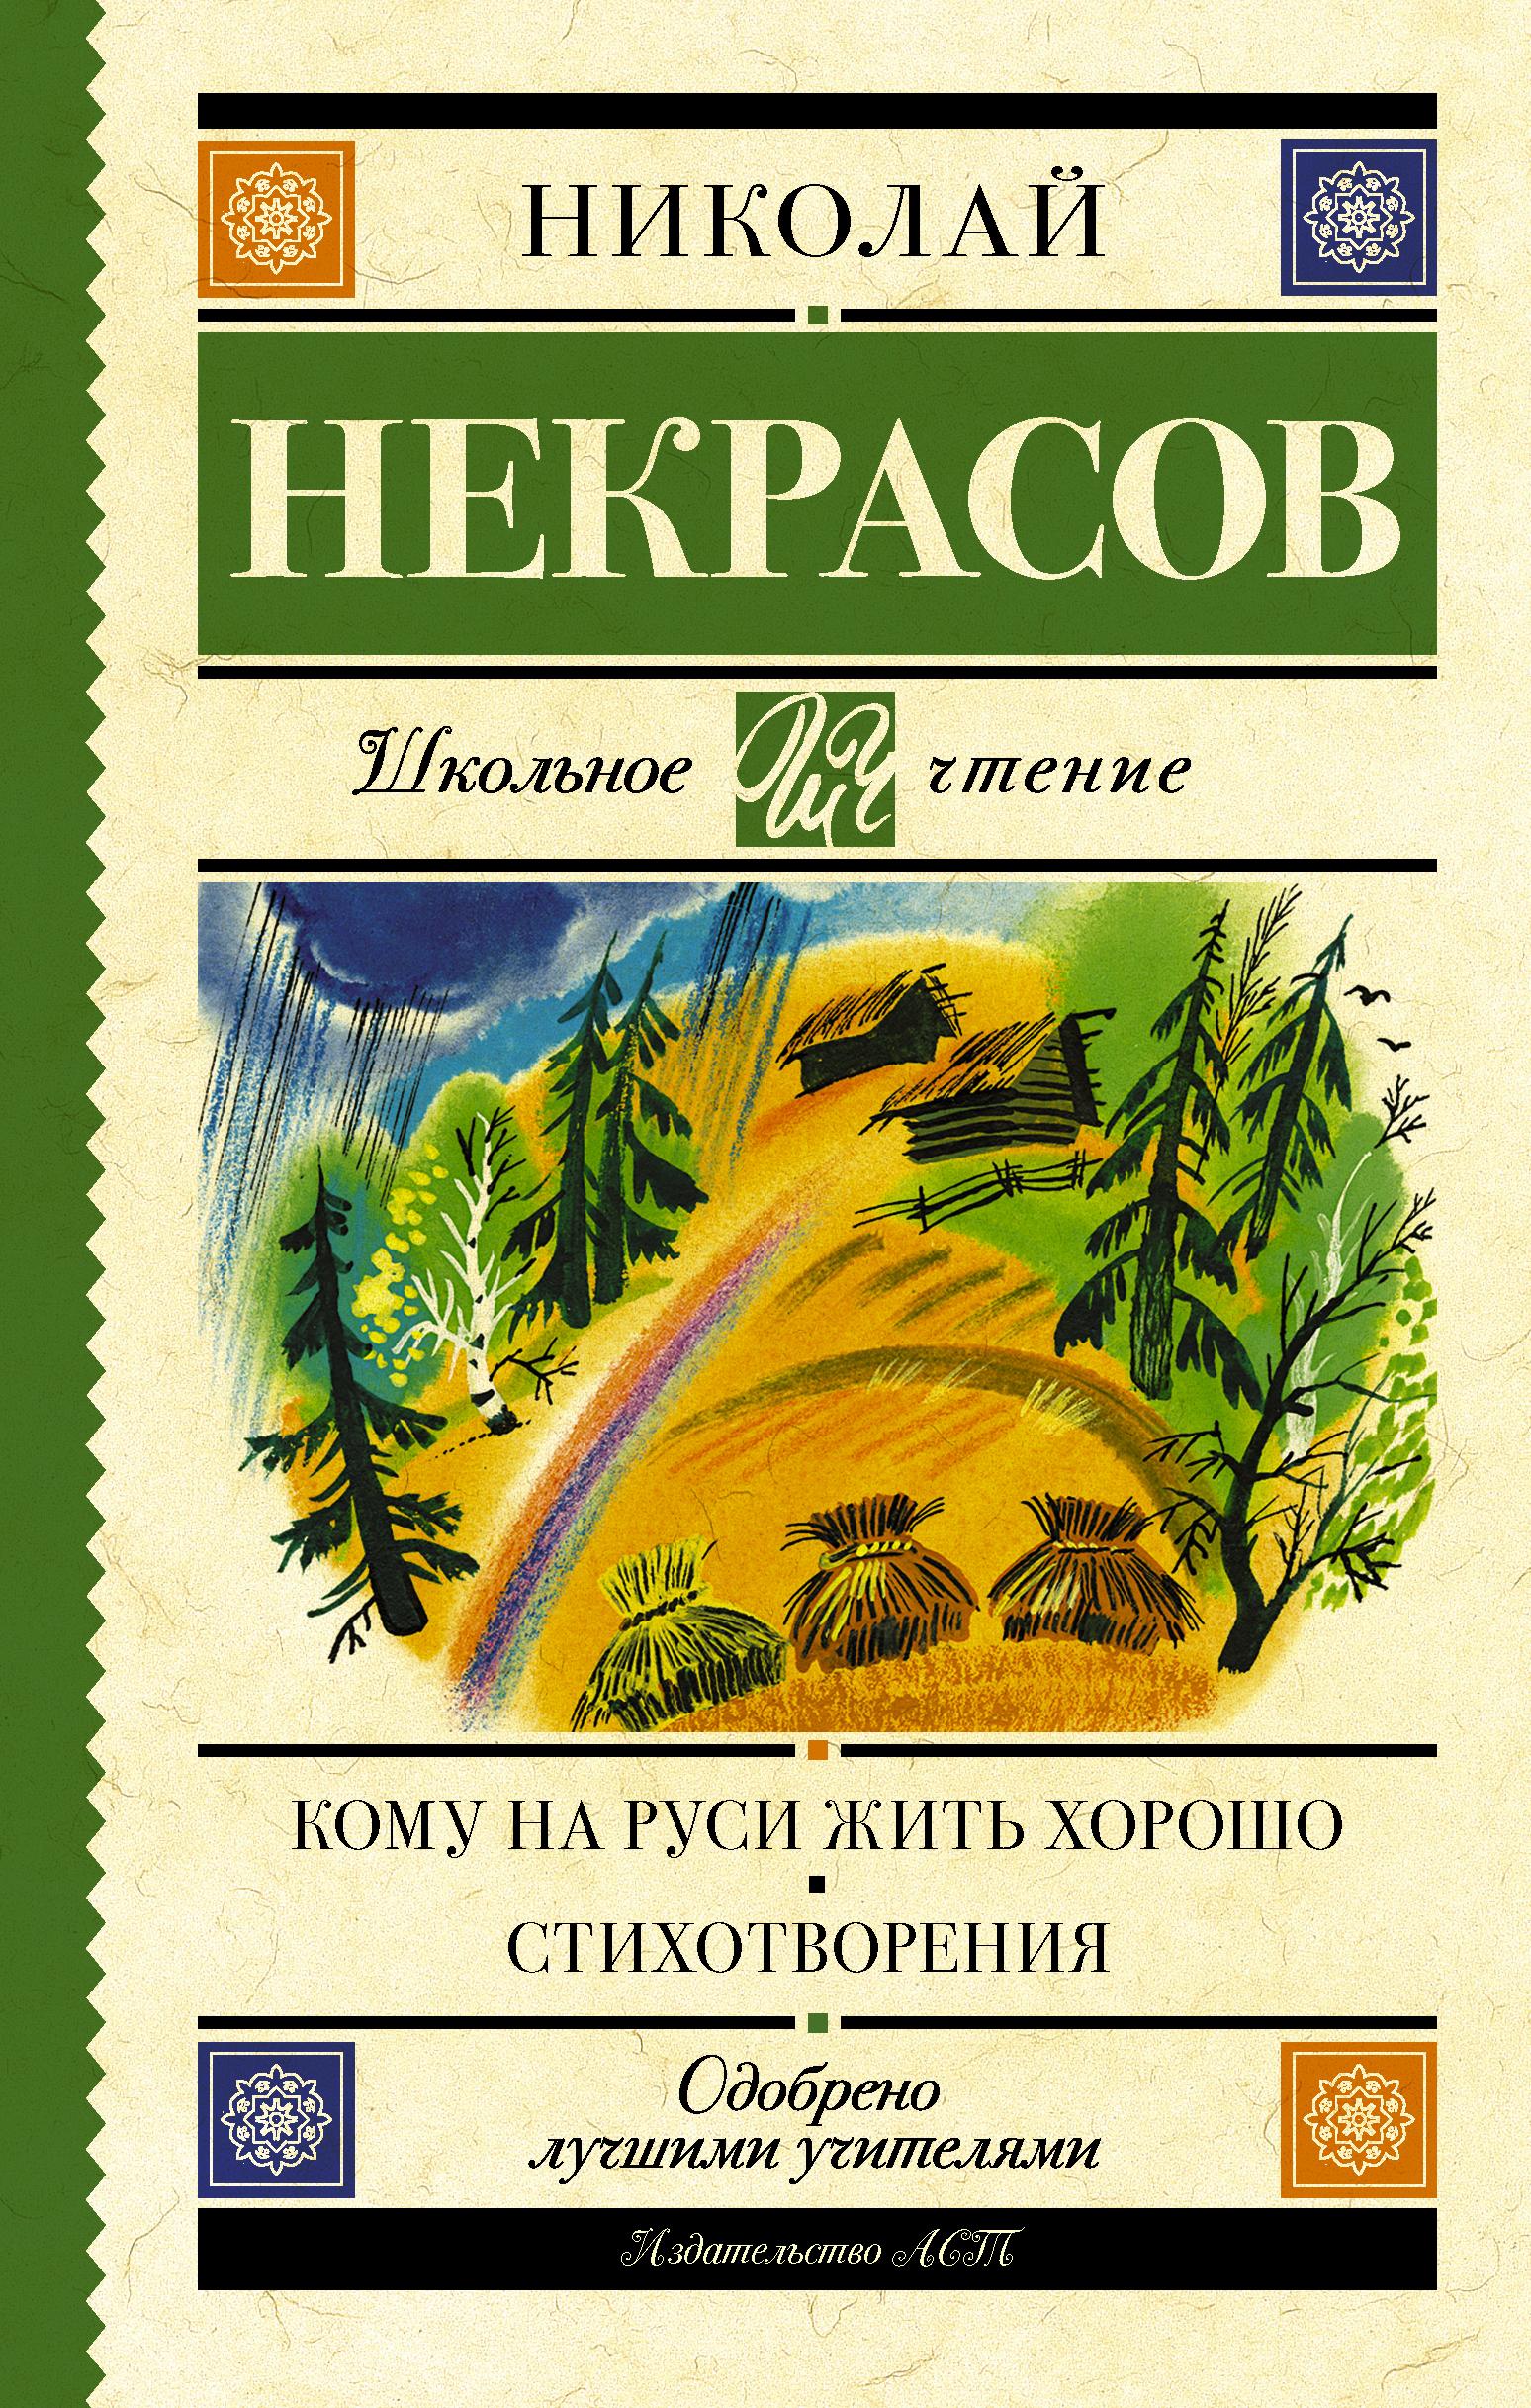 Кому на Руси жить хорошо. Стихотворения и поэмы